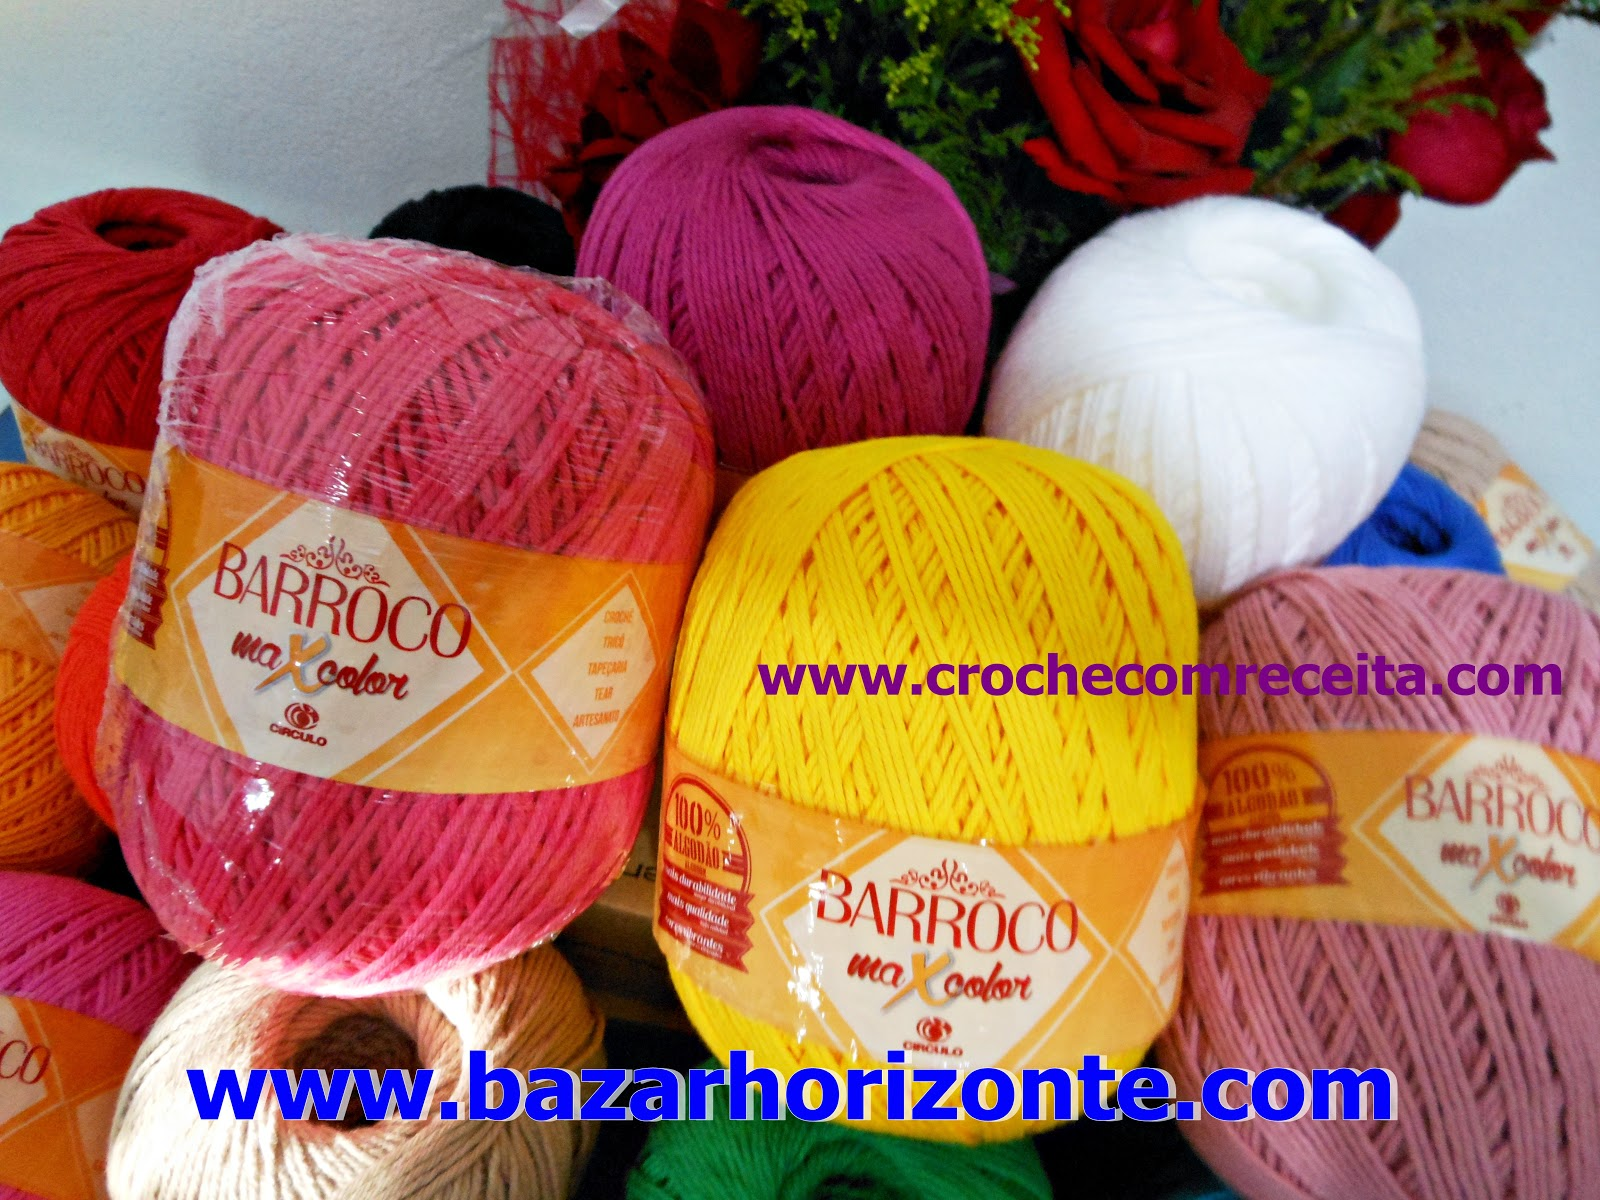 aprender croche com receita fios barroco maxcolor circulo bazar horizonte